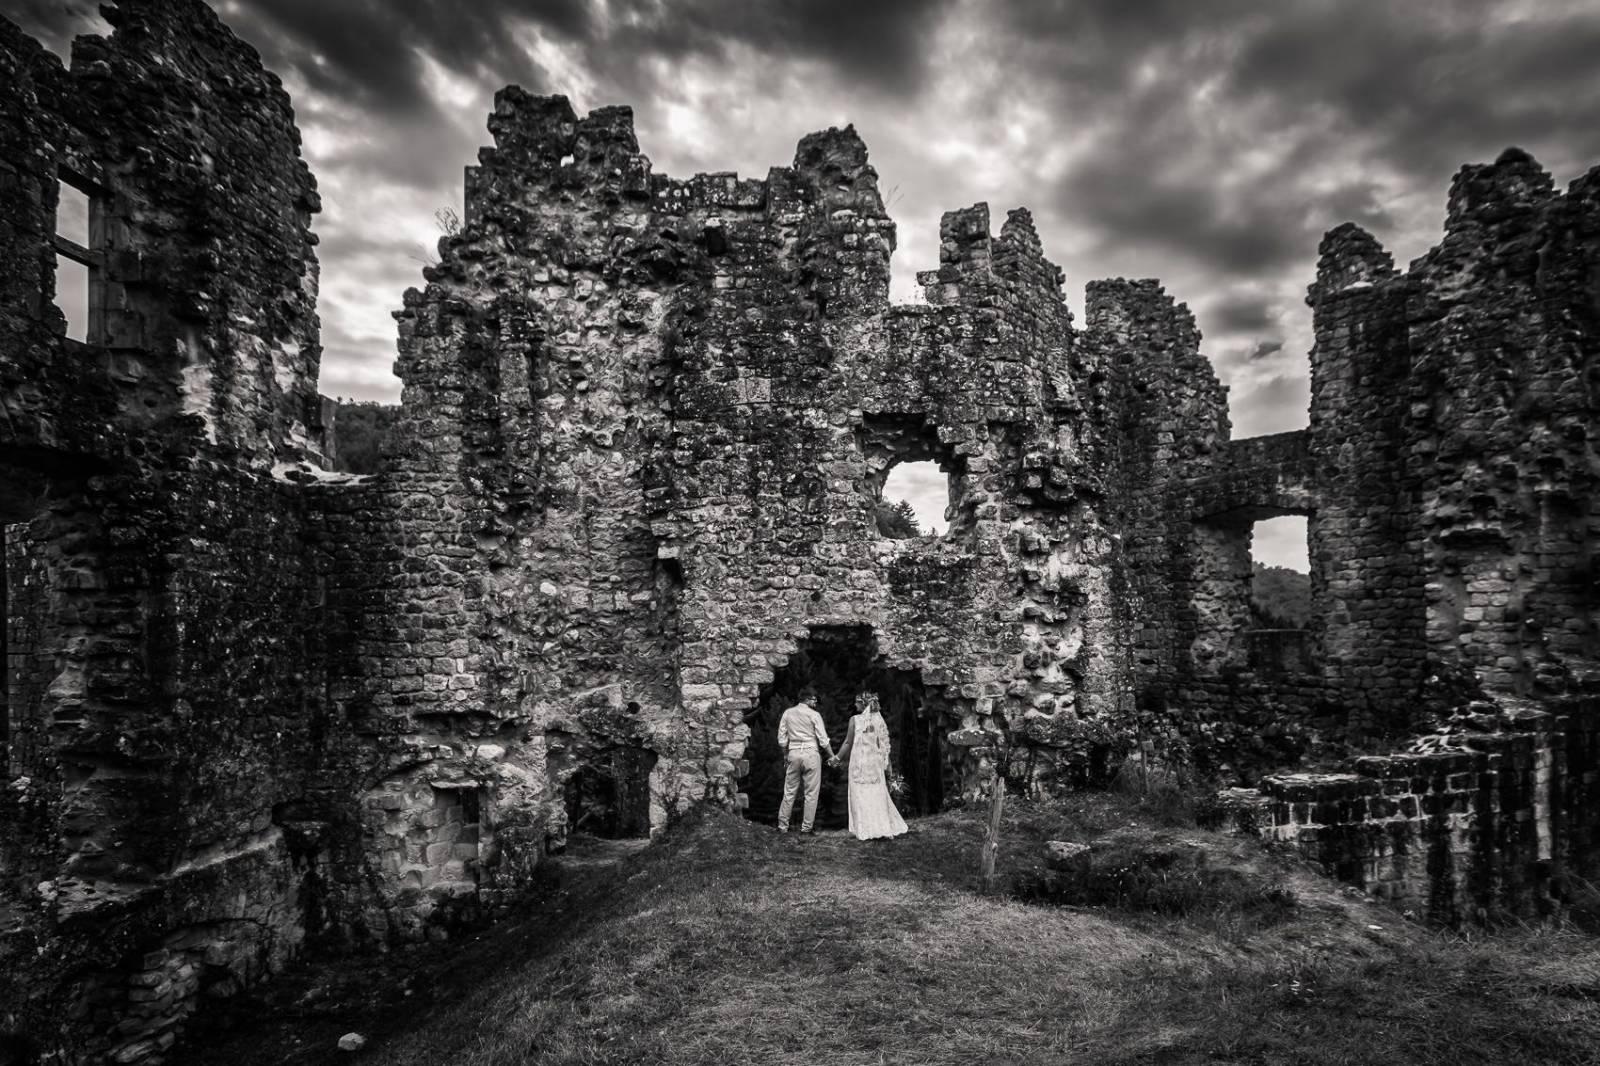 Cinderella Photographie - Trouwen in frankrijk - Huwelijksfotograaf - Trouwfotograaf - House of Weddings - 6